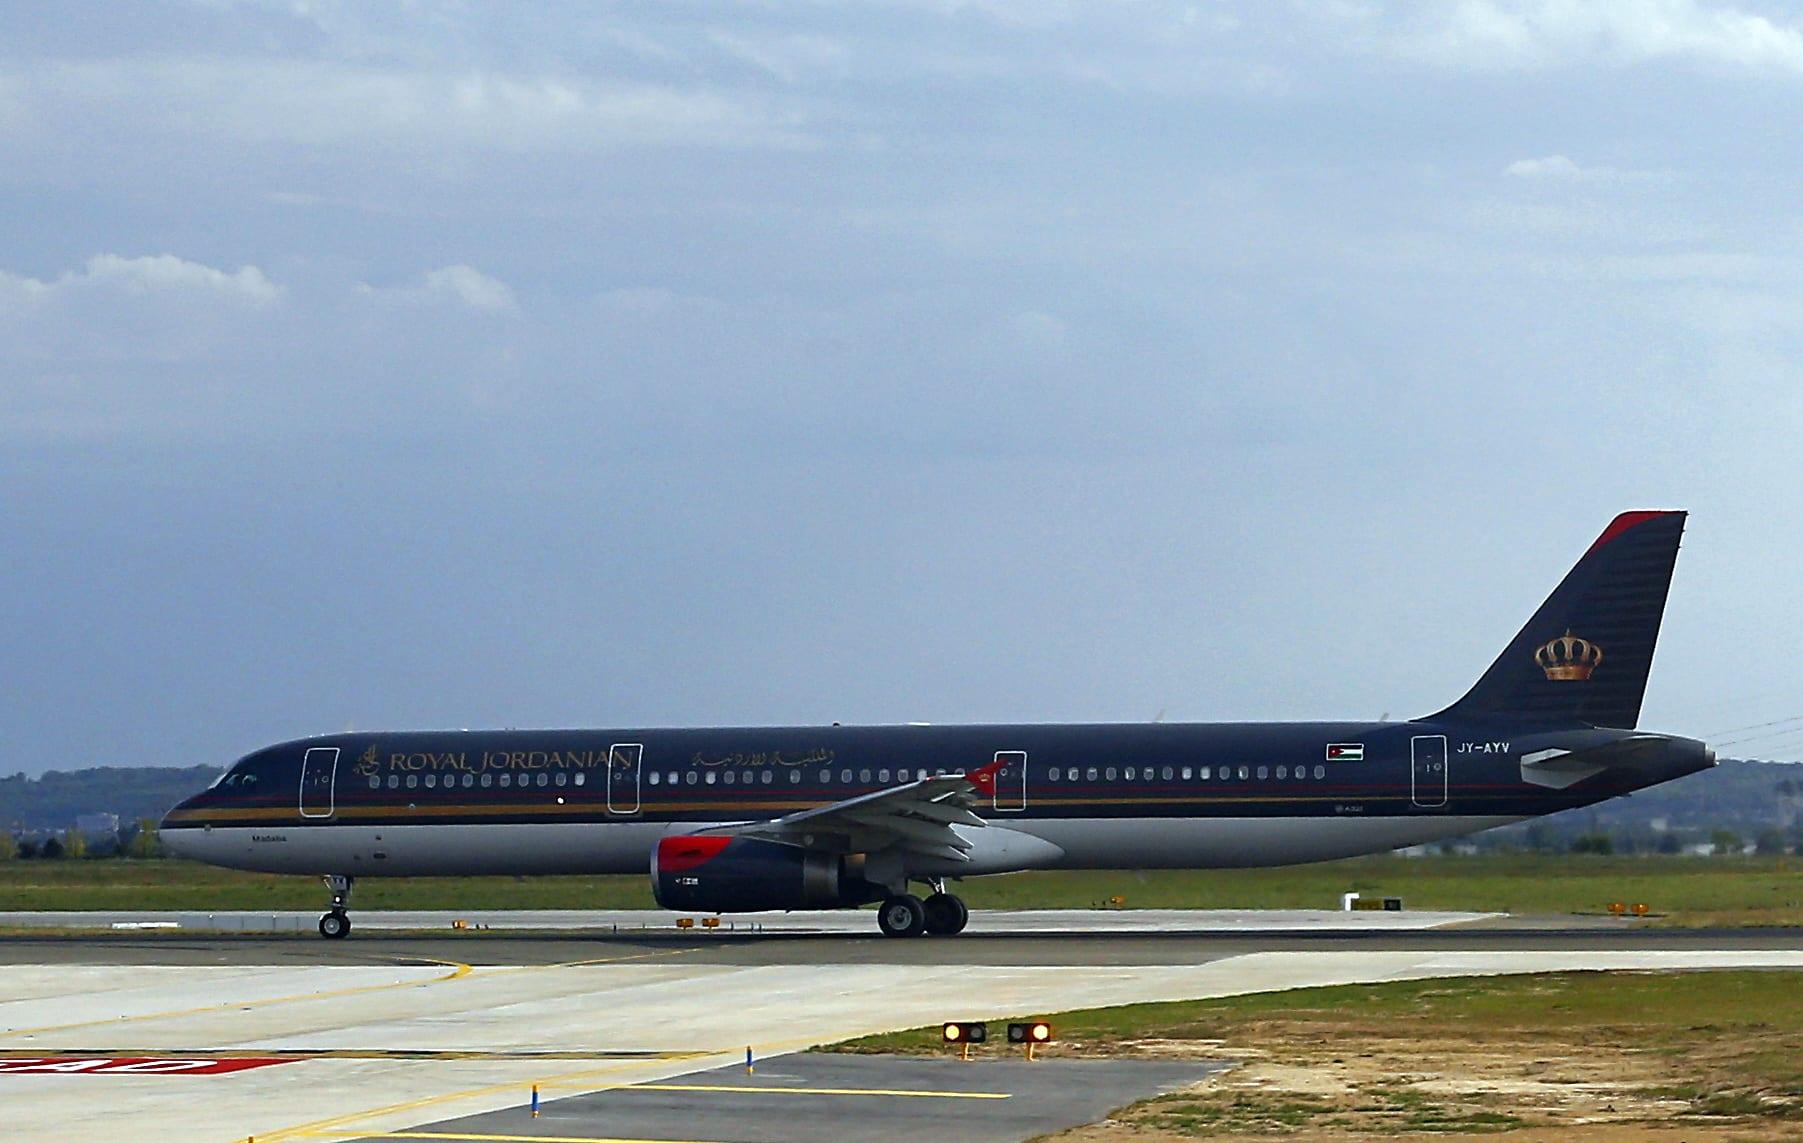 صورة أرشيفية لطائرة تابعة للخطوط الجوية الملكية الأردنية العام 2012